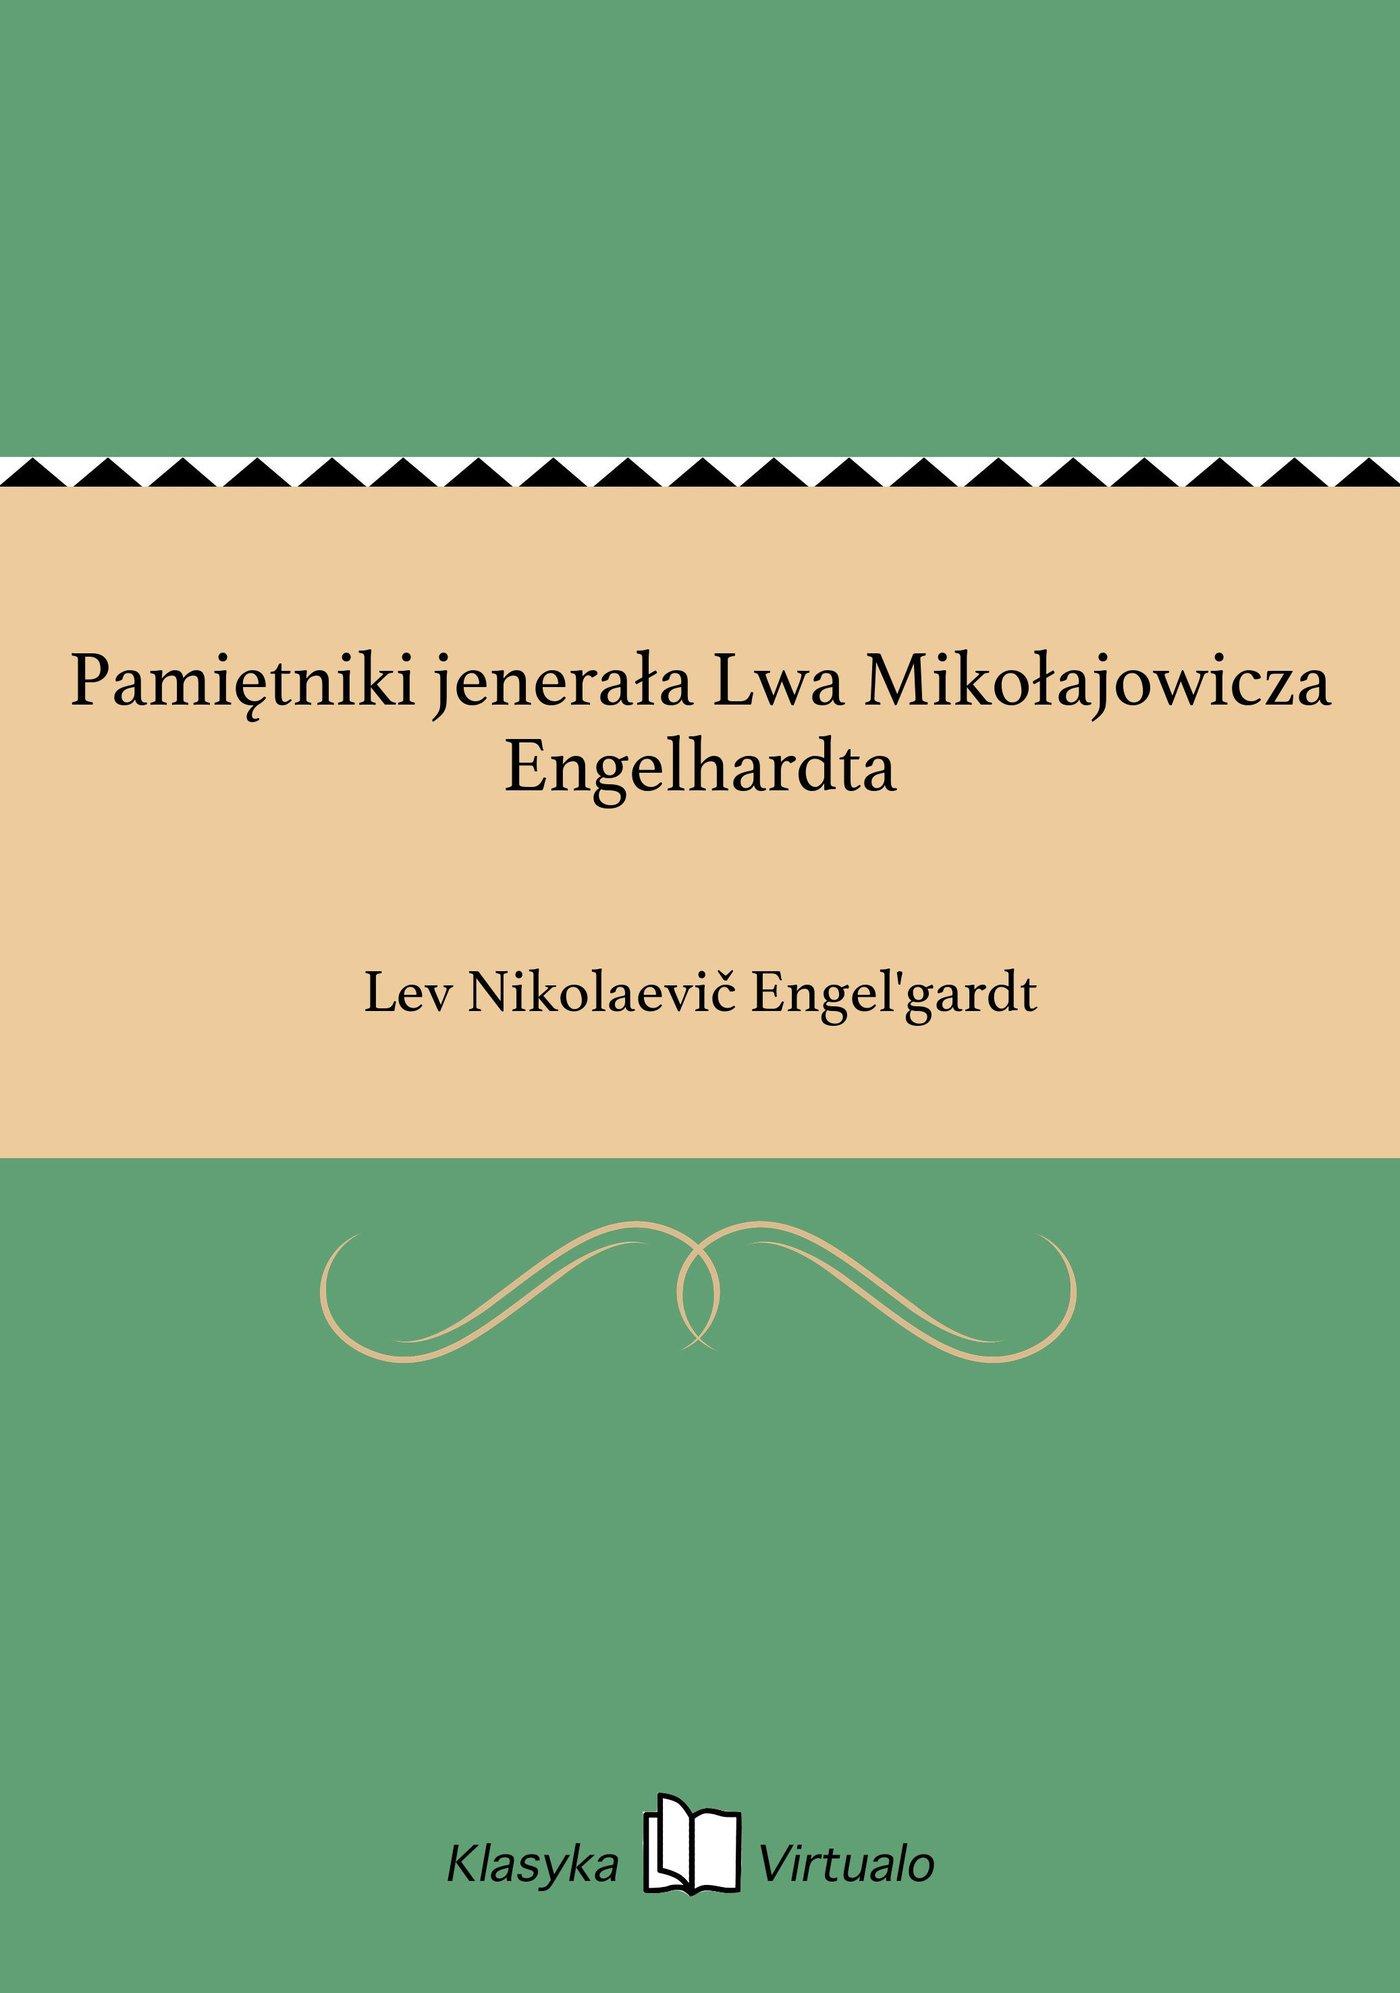 Pamiętniki jenerała Lwa Mikołajowicza Engelhardta - Ebook (Książka EPUB) do pobrania w formacie EPUB